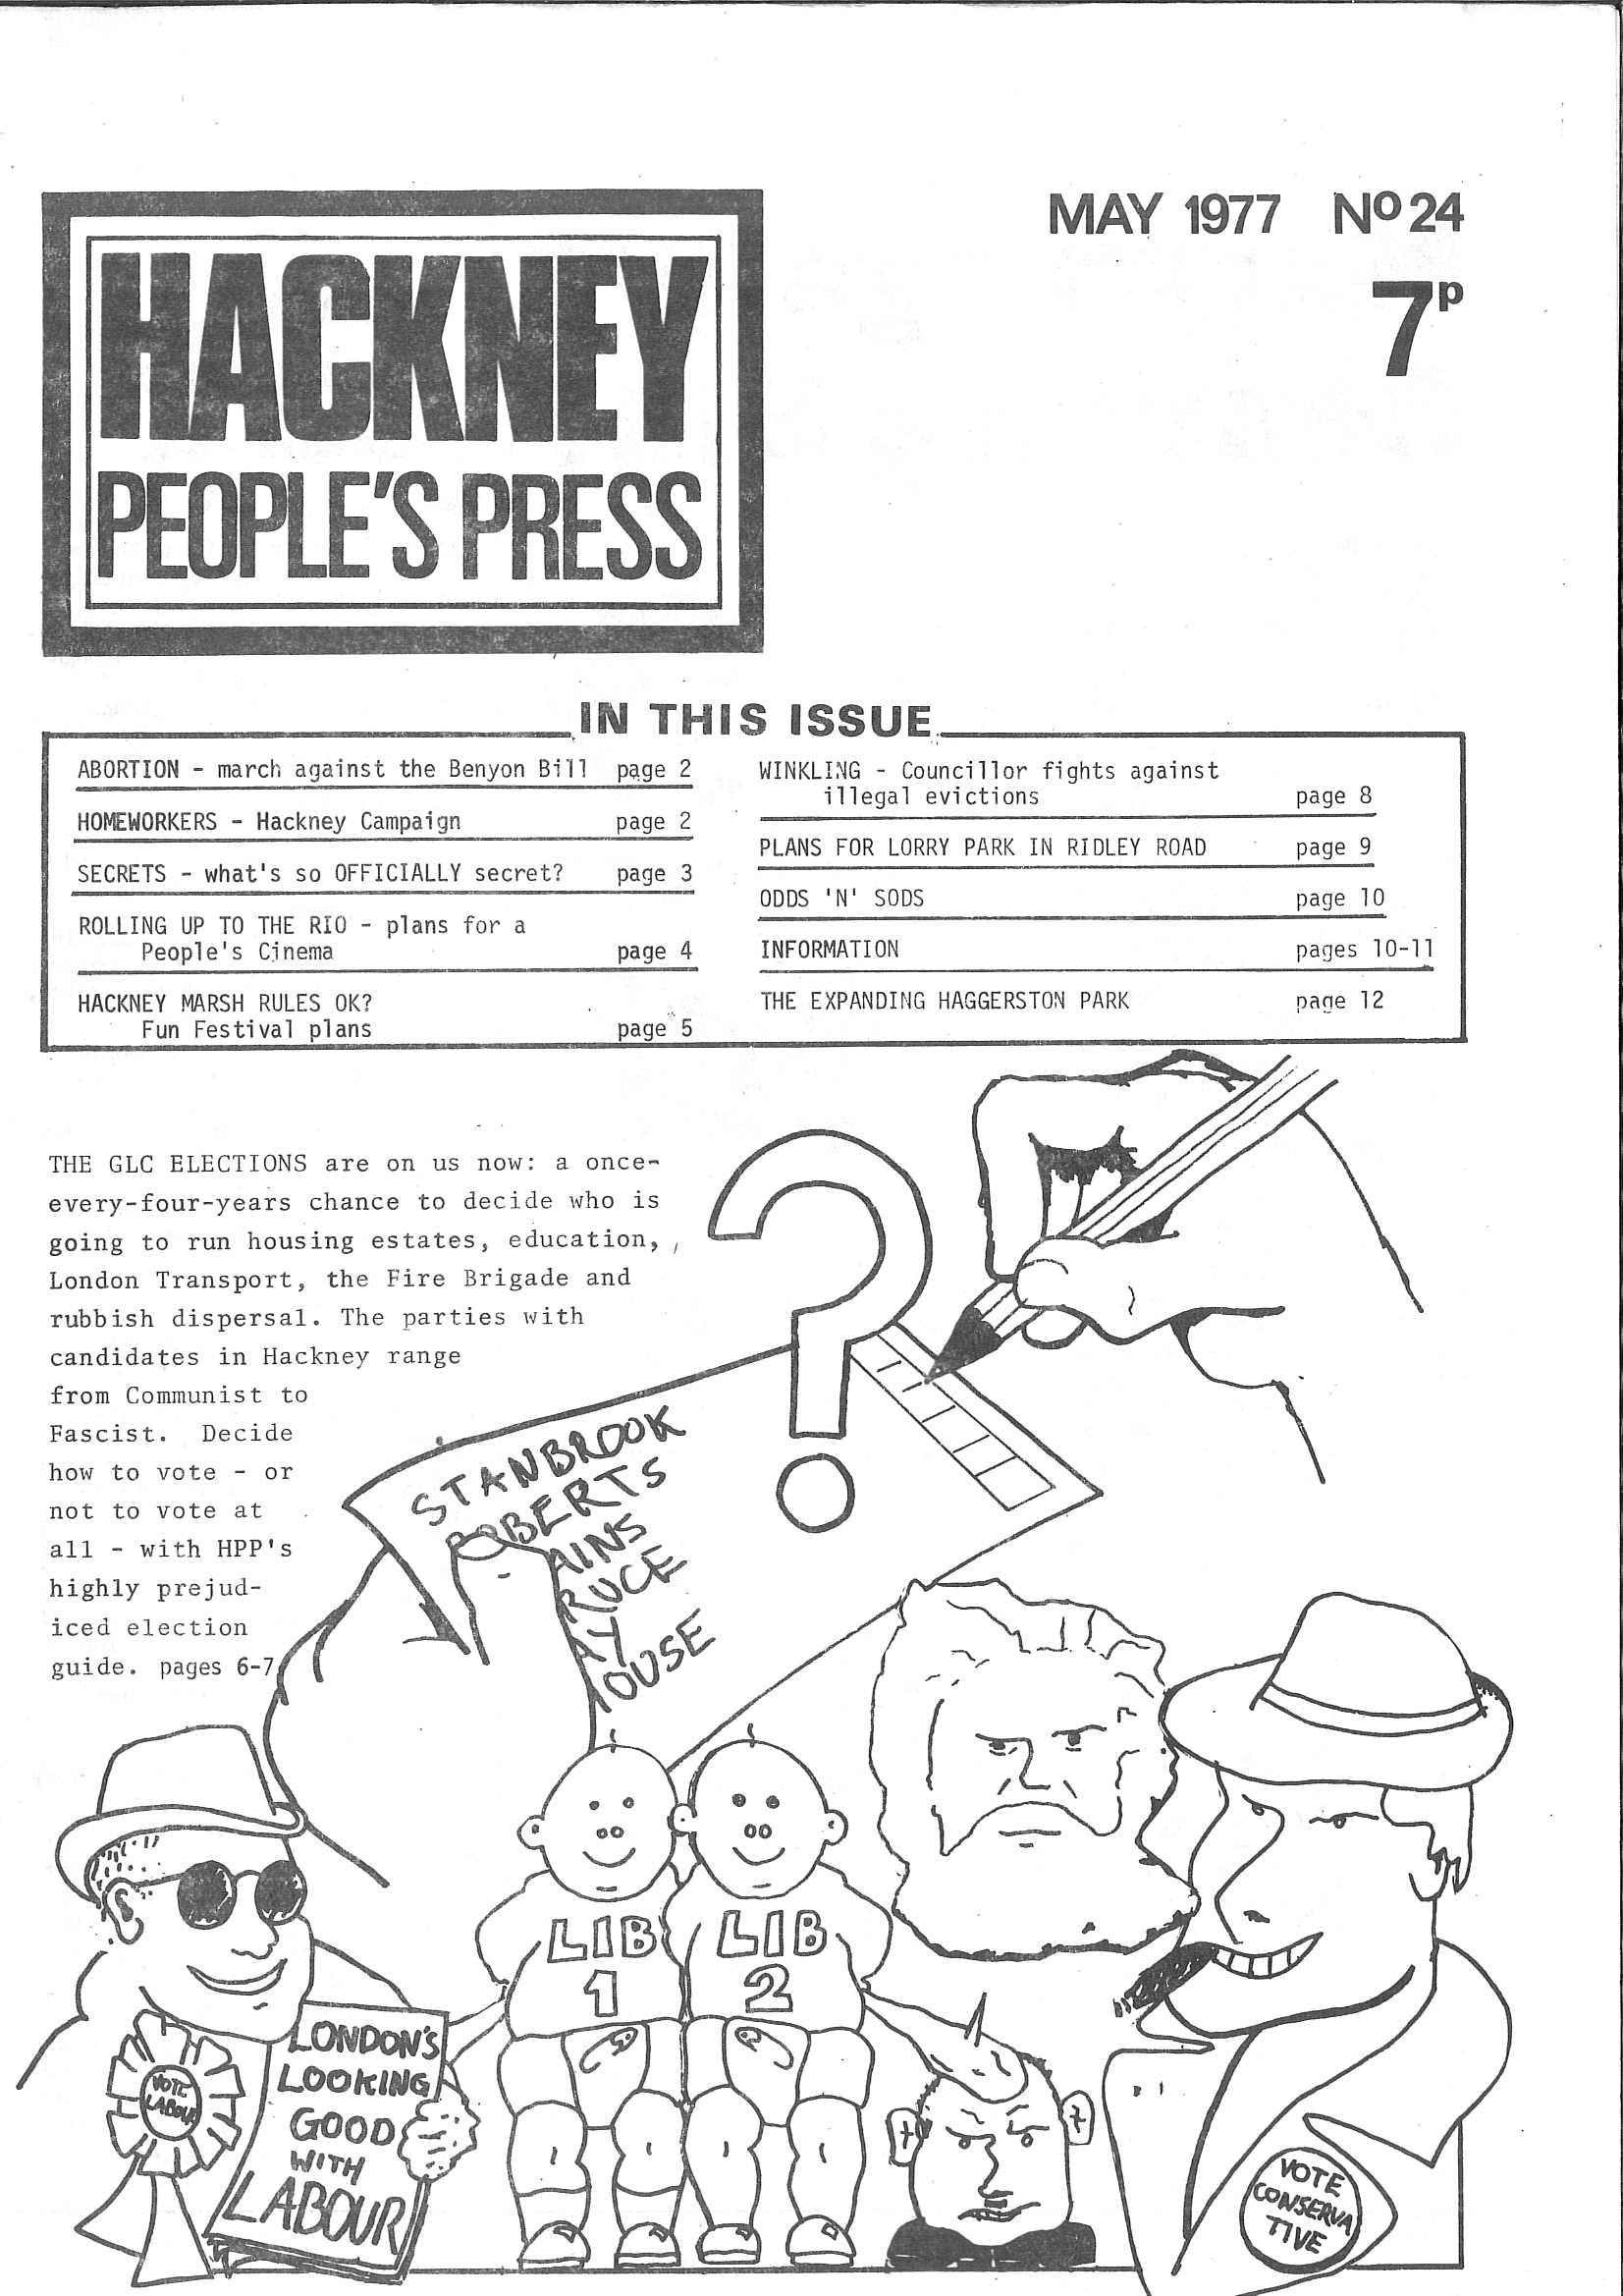 HPP24-May-77cov